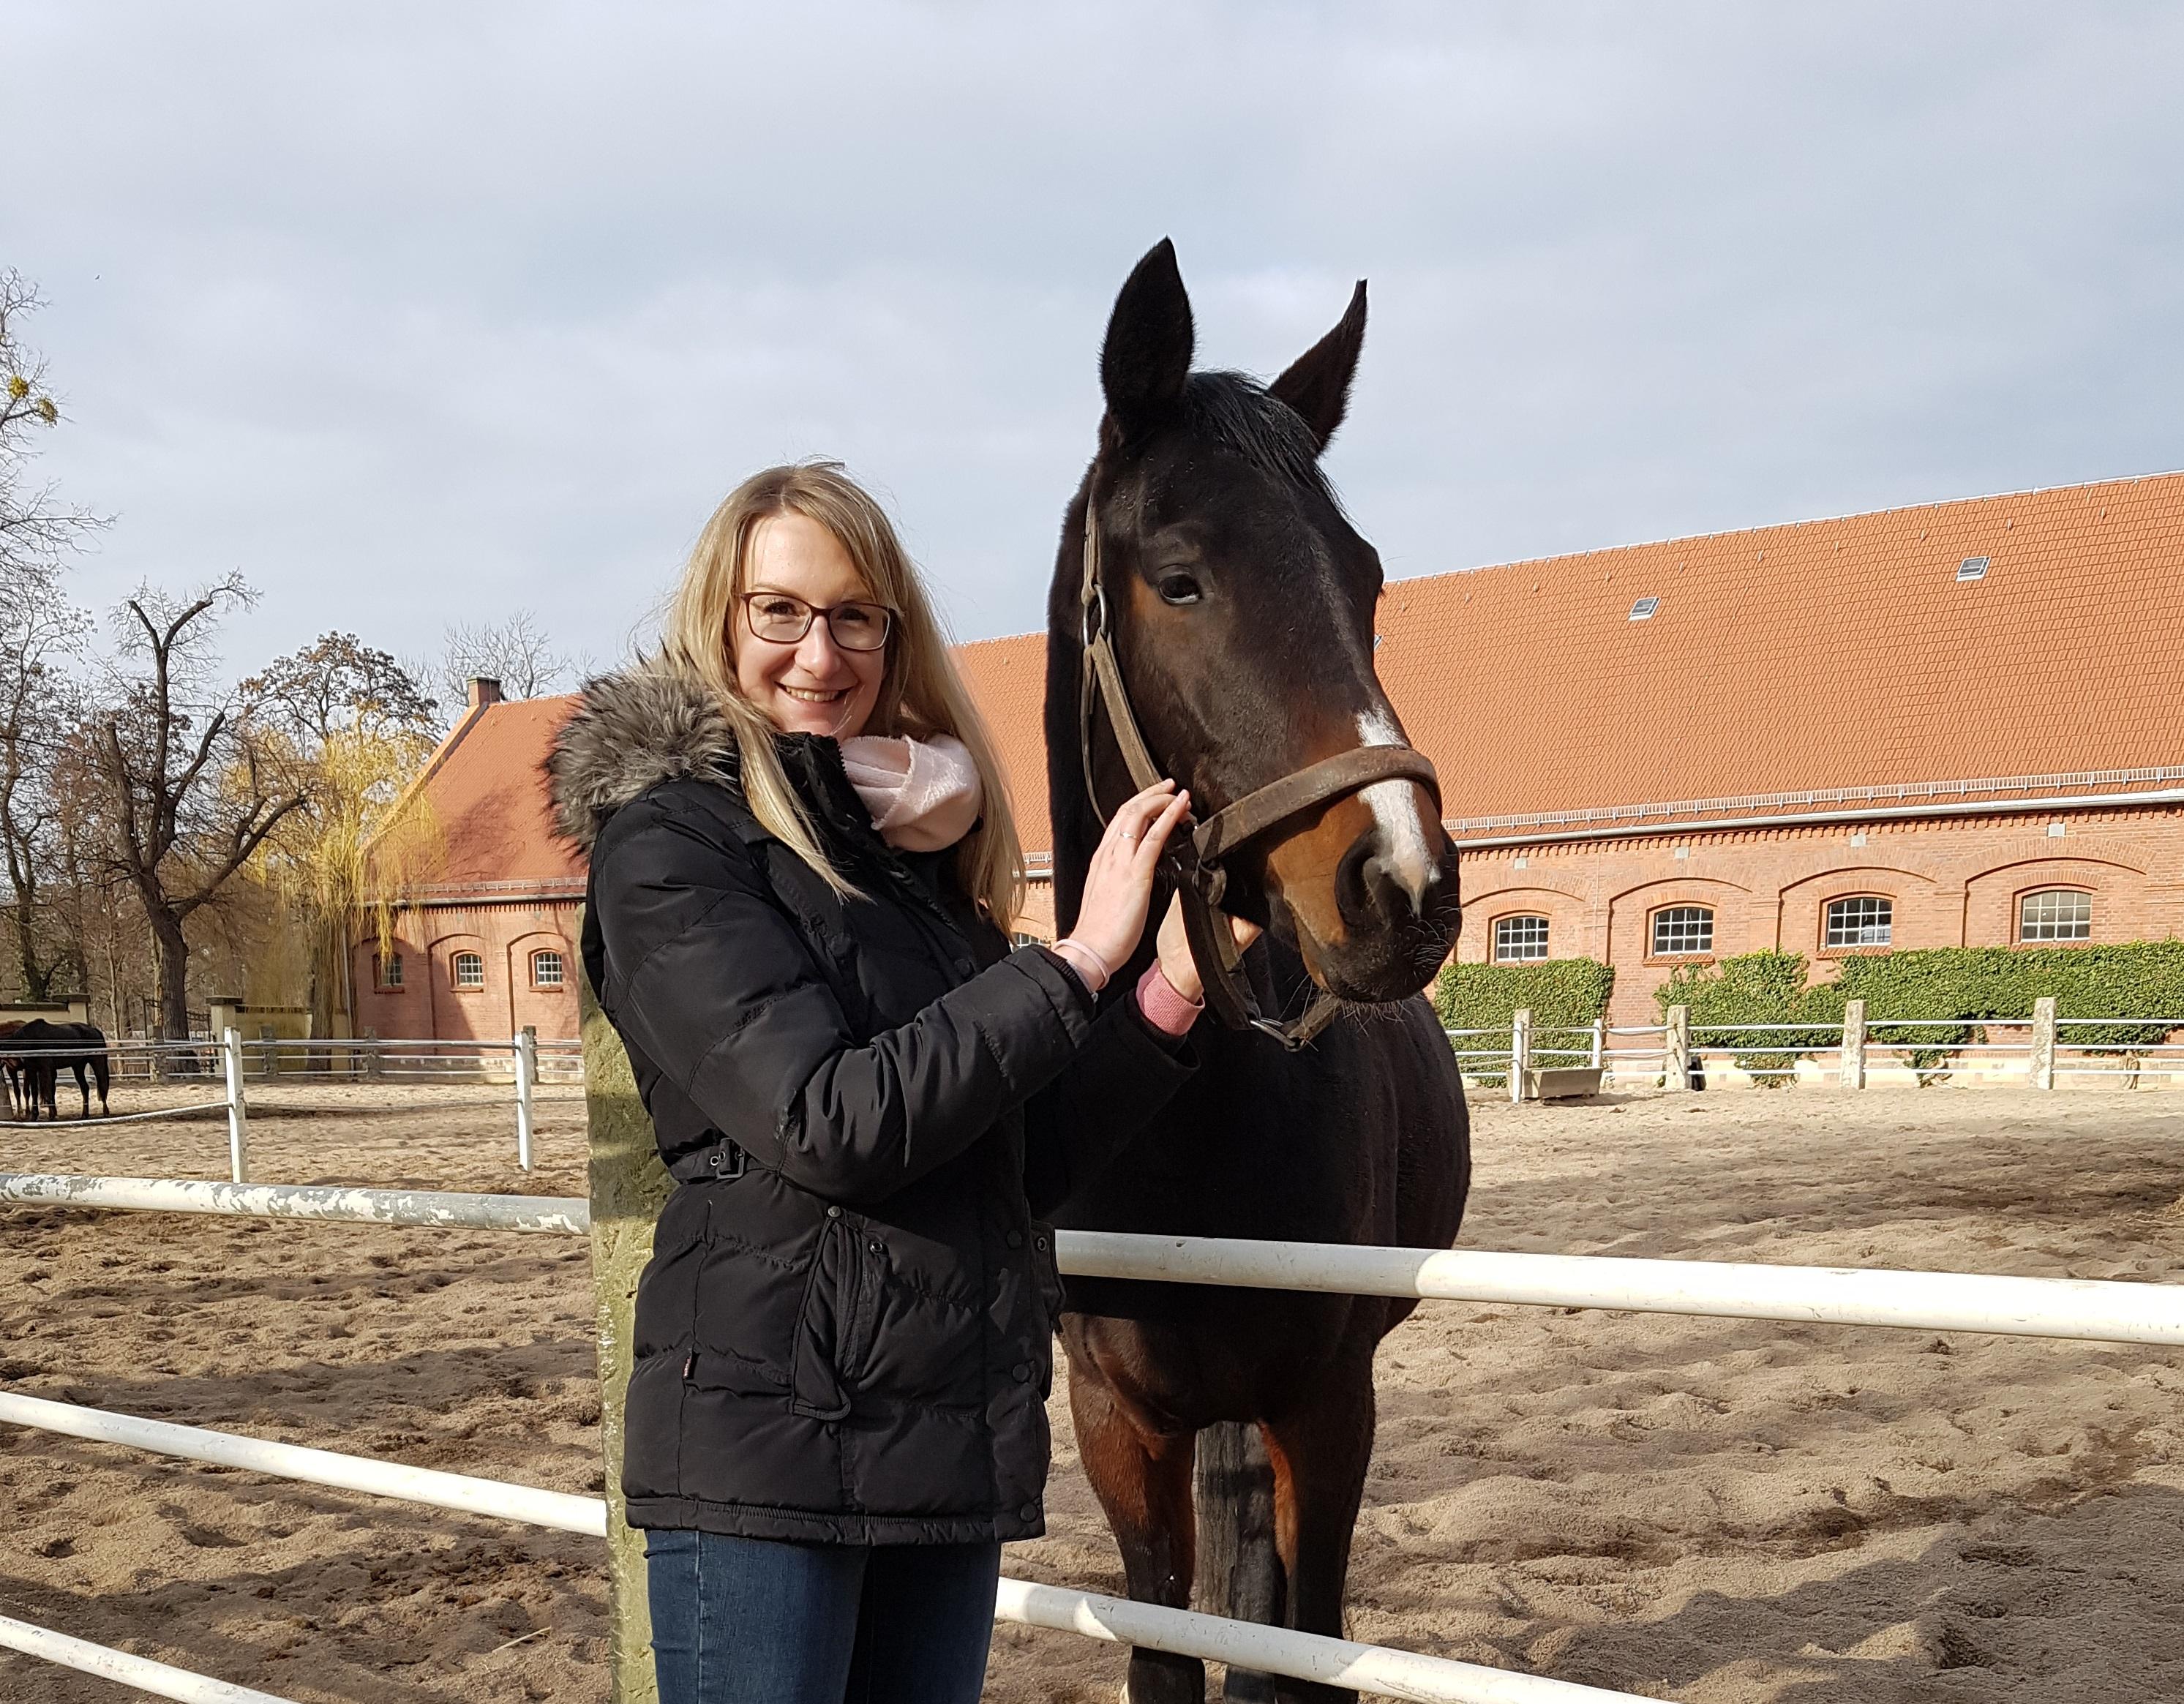 Victoria Welker, 2. Platz Dissertation im GWP-Förderpreis 2020. Foto: privat